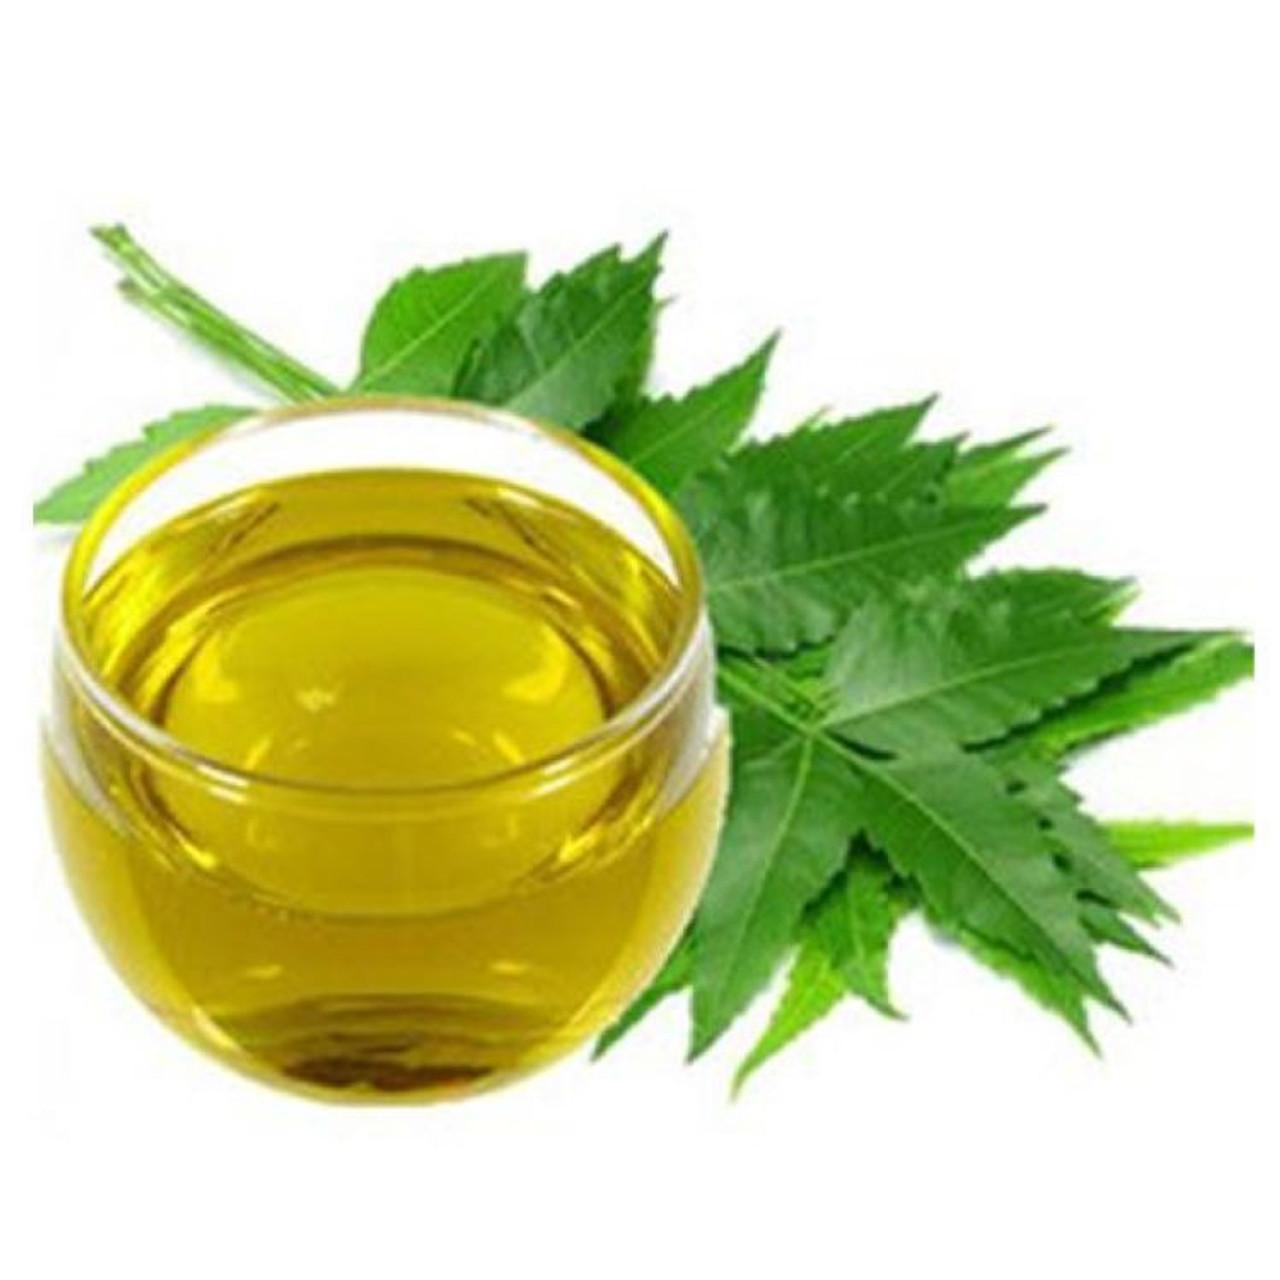 Image result for neem oil